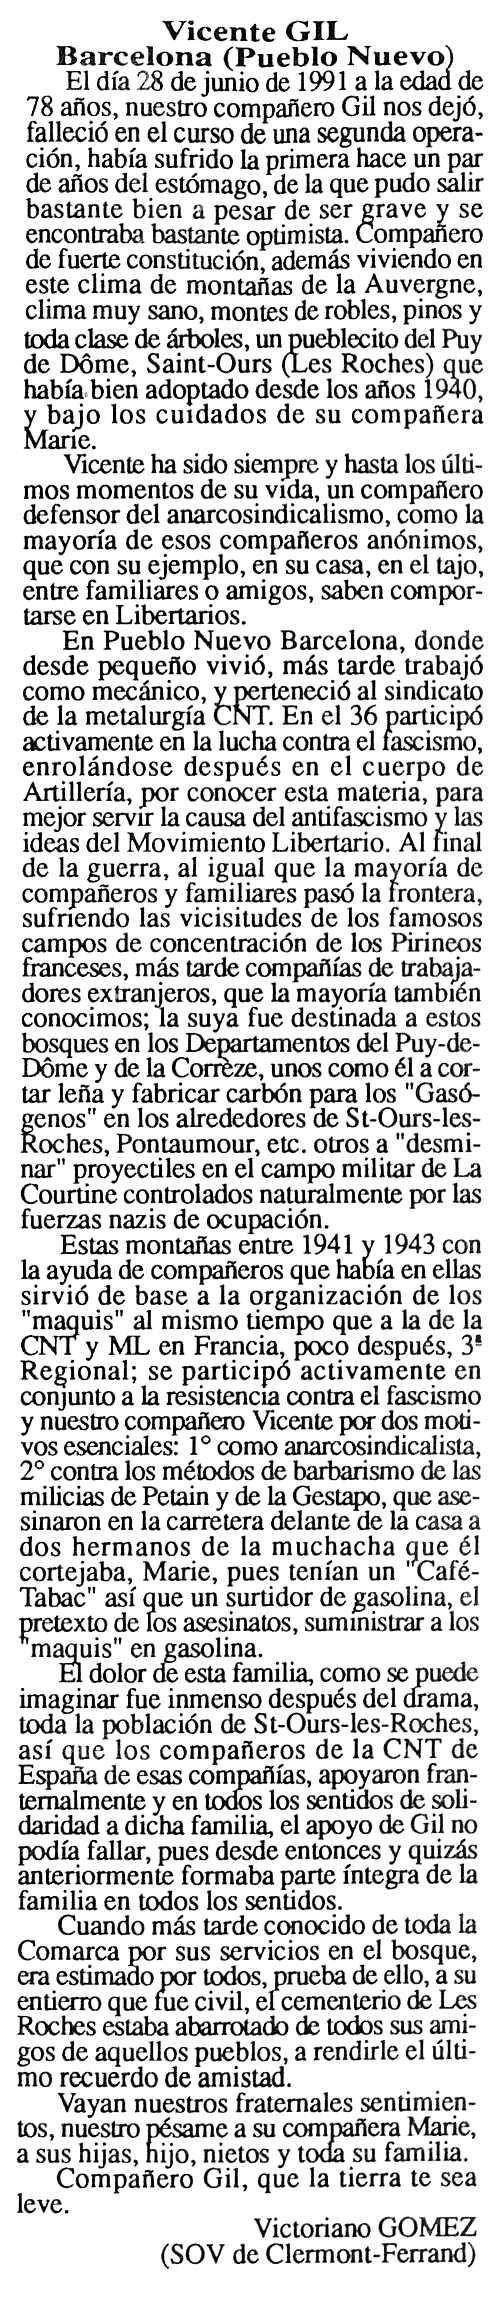 """Necrològica de Vicent Gil Álvaro apareguda en el periòdic parisenc """"Cenit"""" de l'1 d'octubre de 1991"""